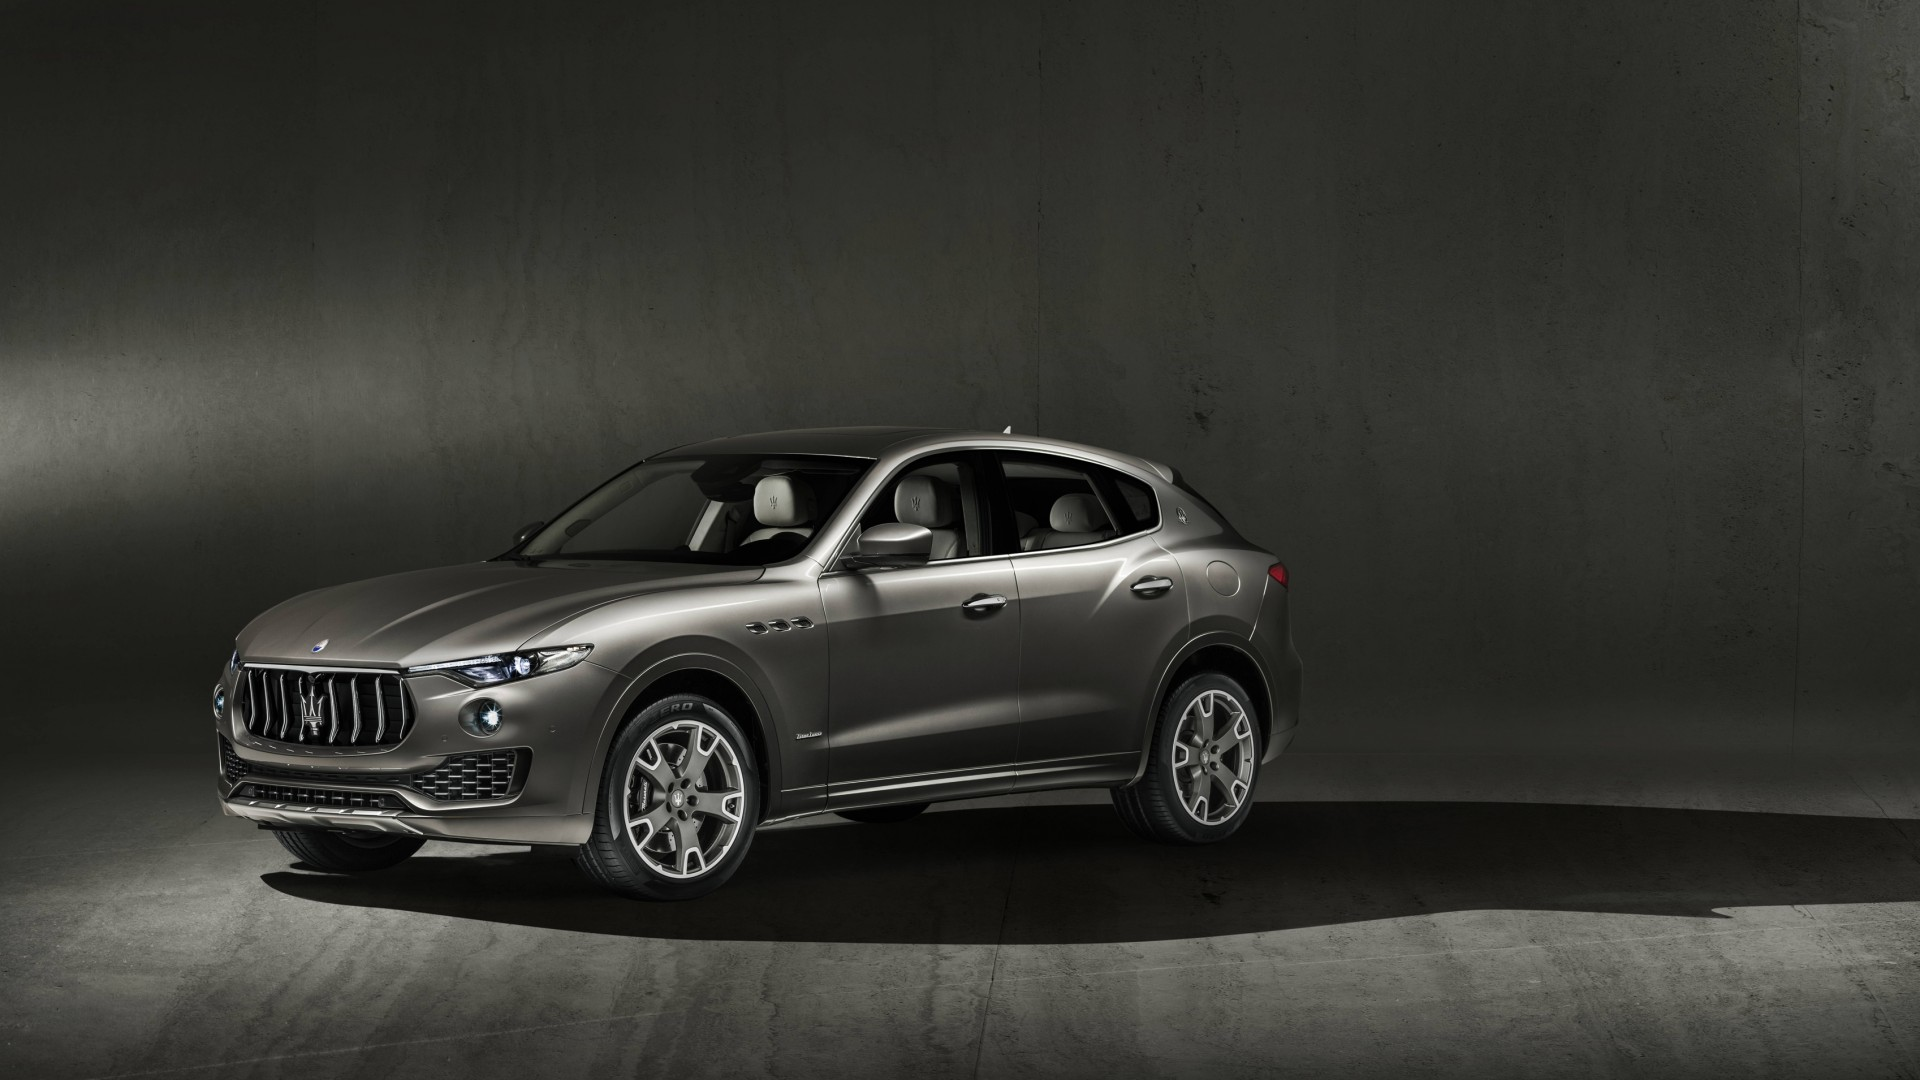 2018 maserati levante s q4 granlusso 2 wallpaper hd car wallpapers id 8543 - Maserati levante wallpaper ...